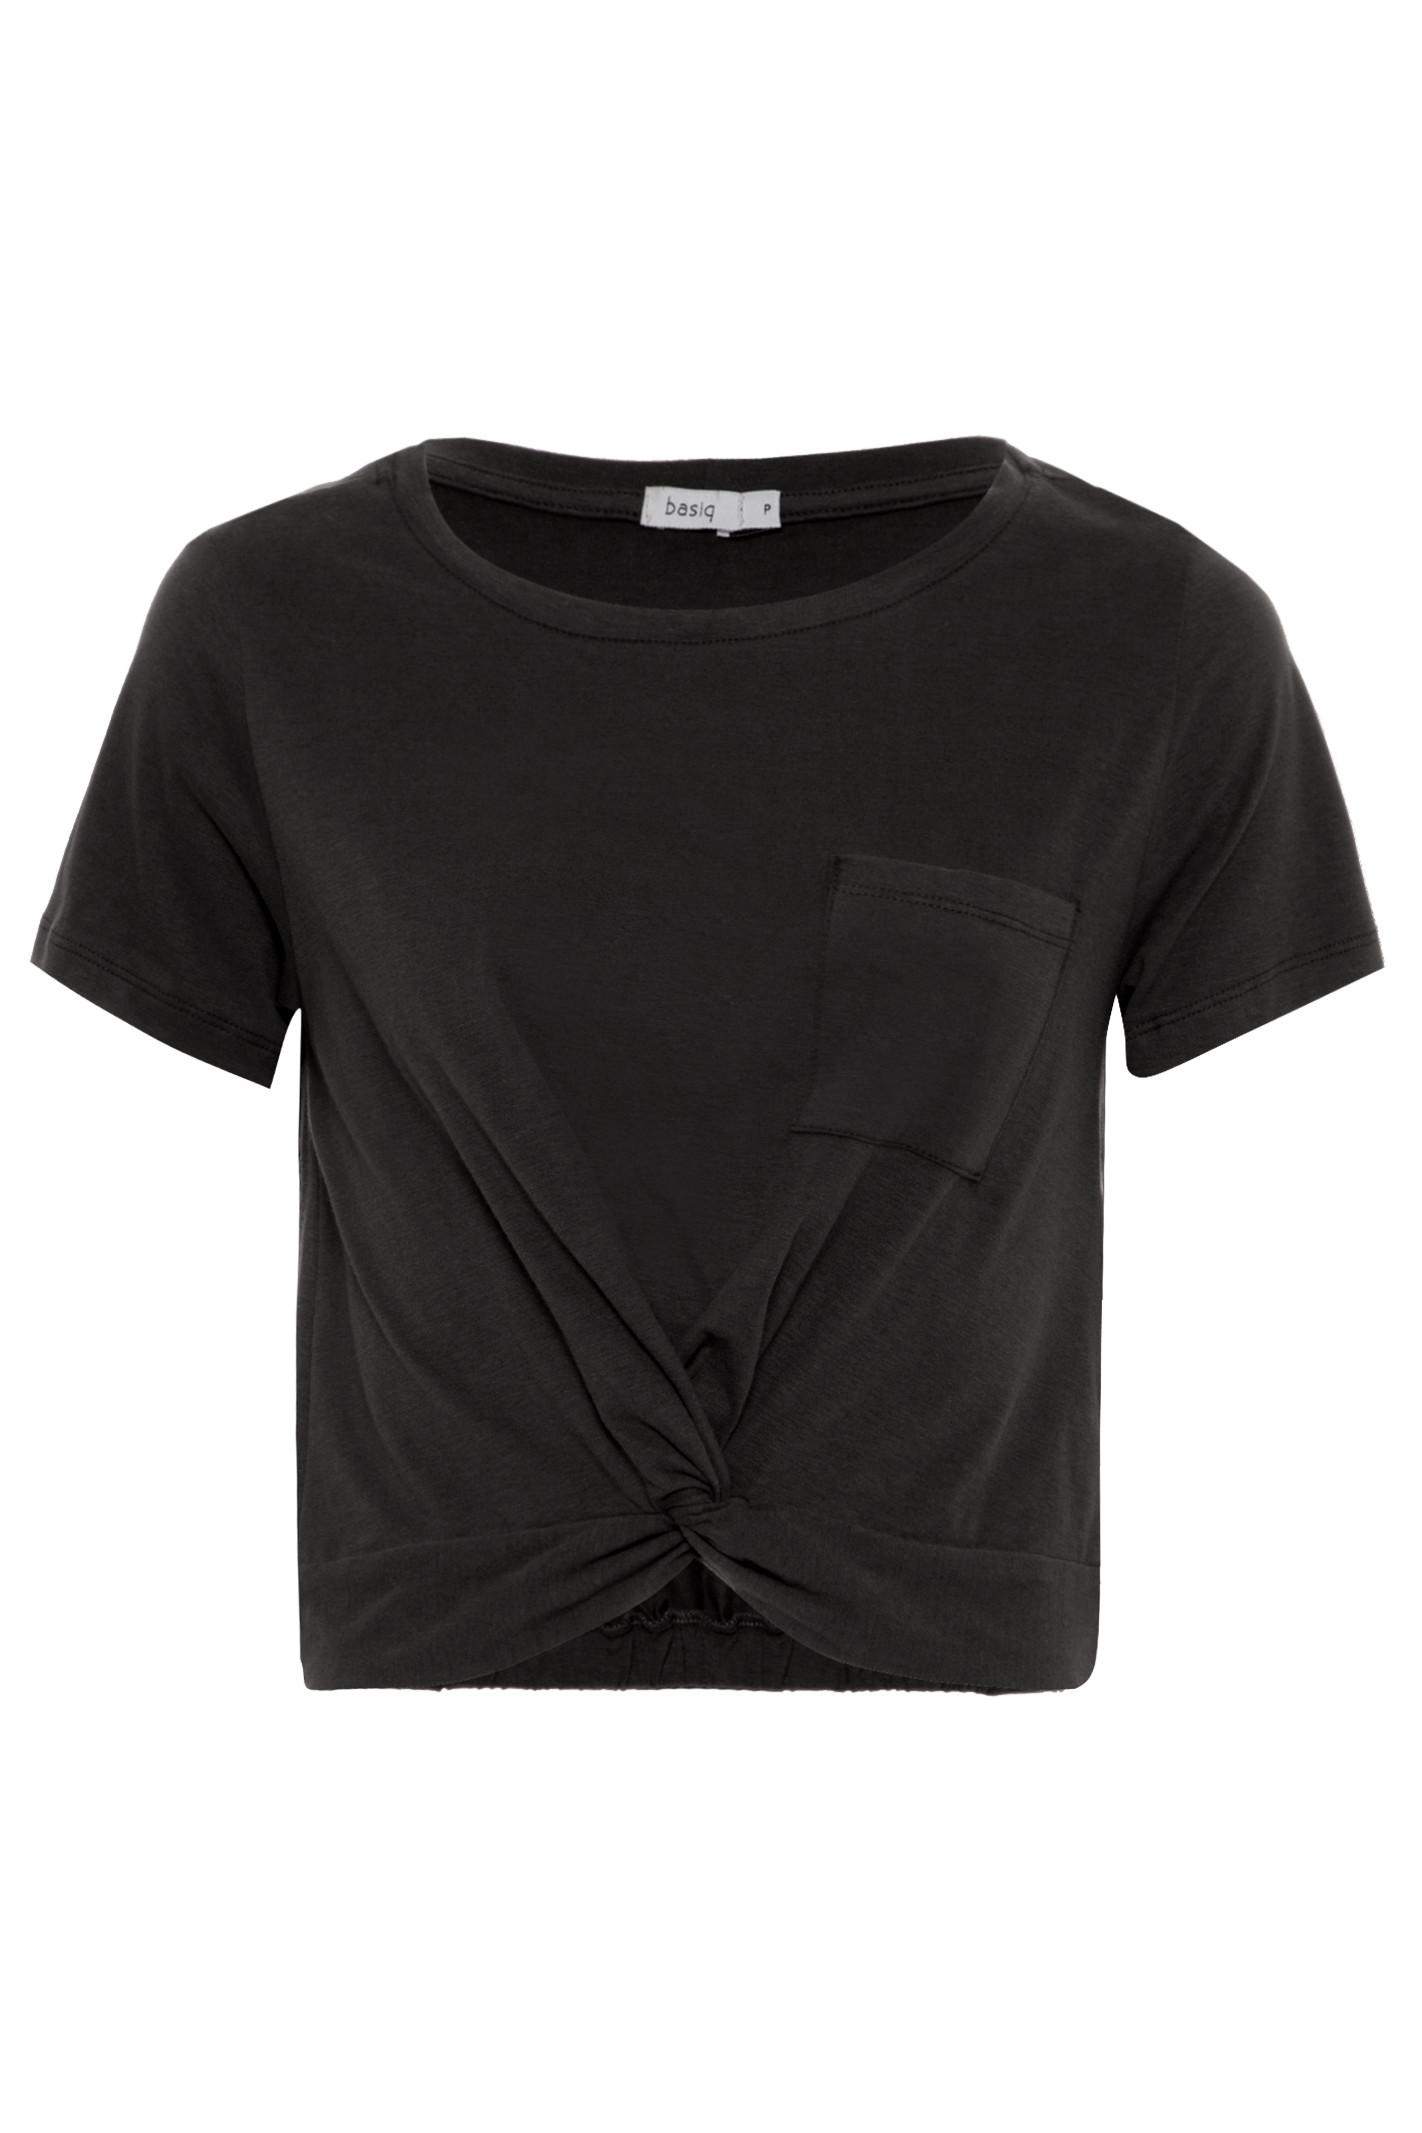 T-Shirt Torção - Preto